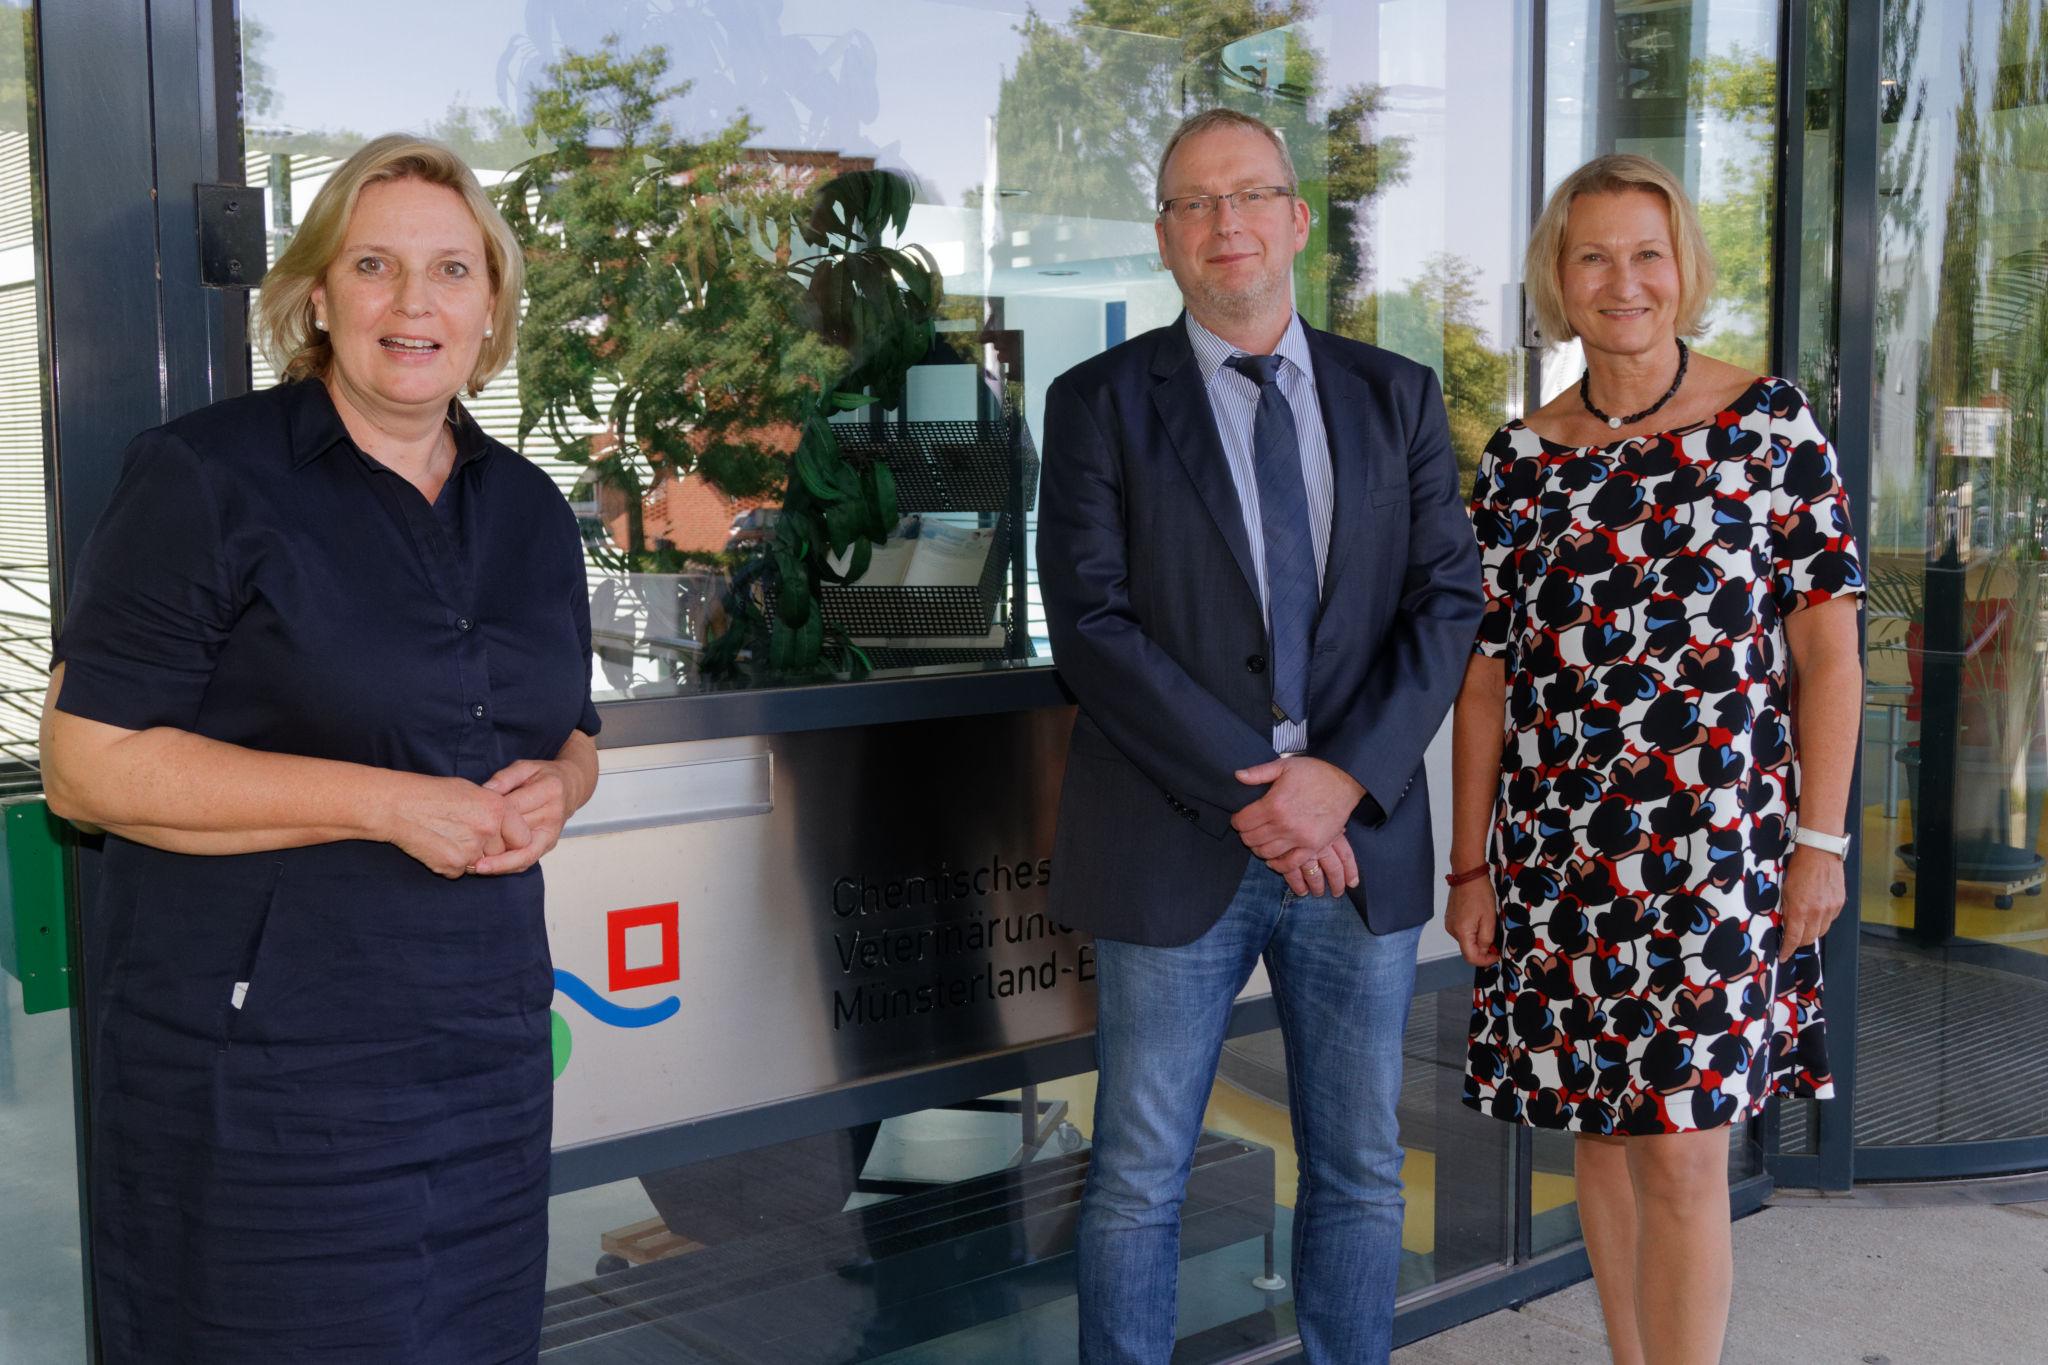 Simone Wendland MdL - Besuch bei CVUA Foto (v.l.): Simone Wendland MdL, Herrn Dr. Stahl (Vorstandsvorsitzender des CVUA-MEL), Frau Dr. Krüger (Ministerium für Umwelt, Landwirtschaft, Natur- und Verbraucherschutz des Landes Nordrhein-Westfalen)